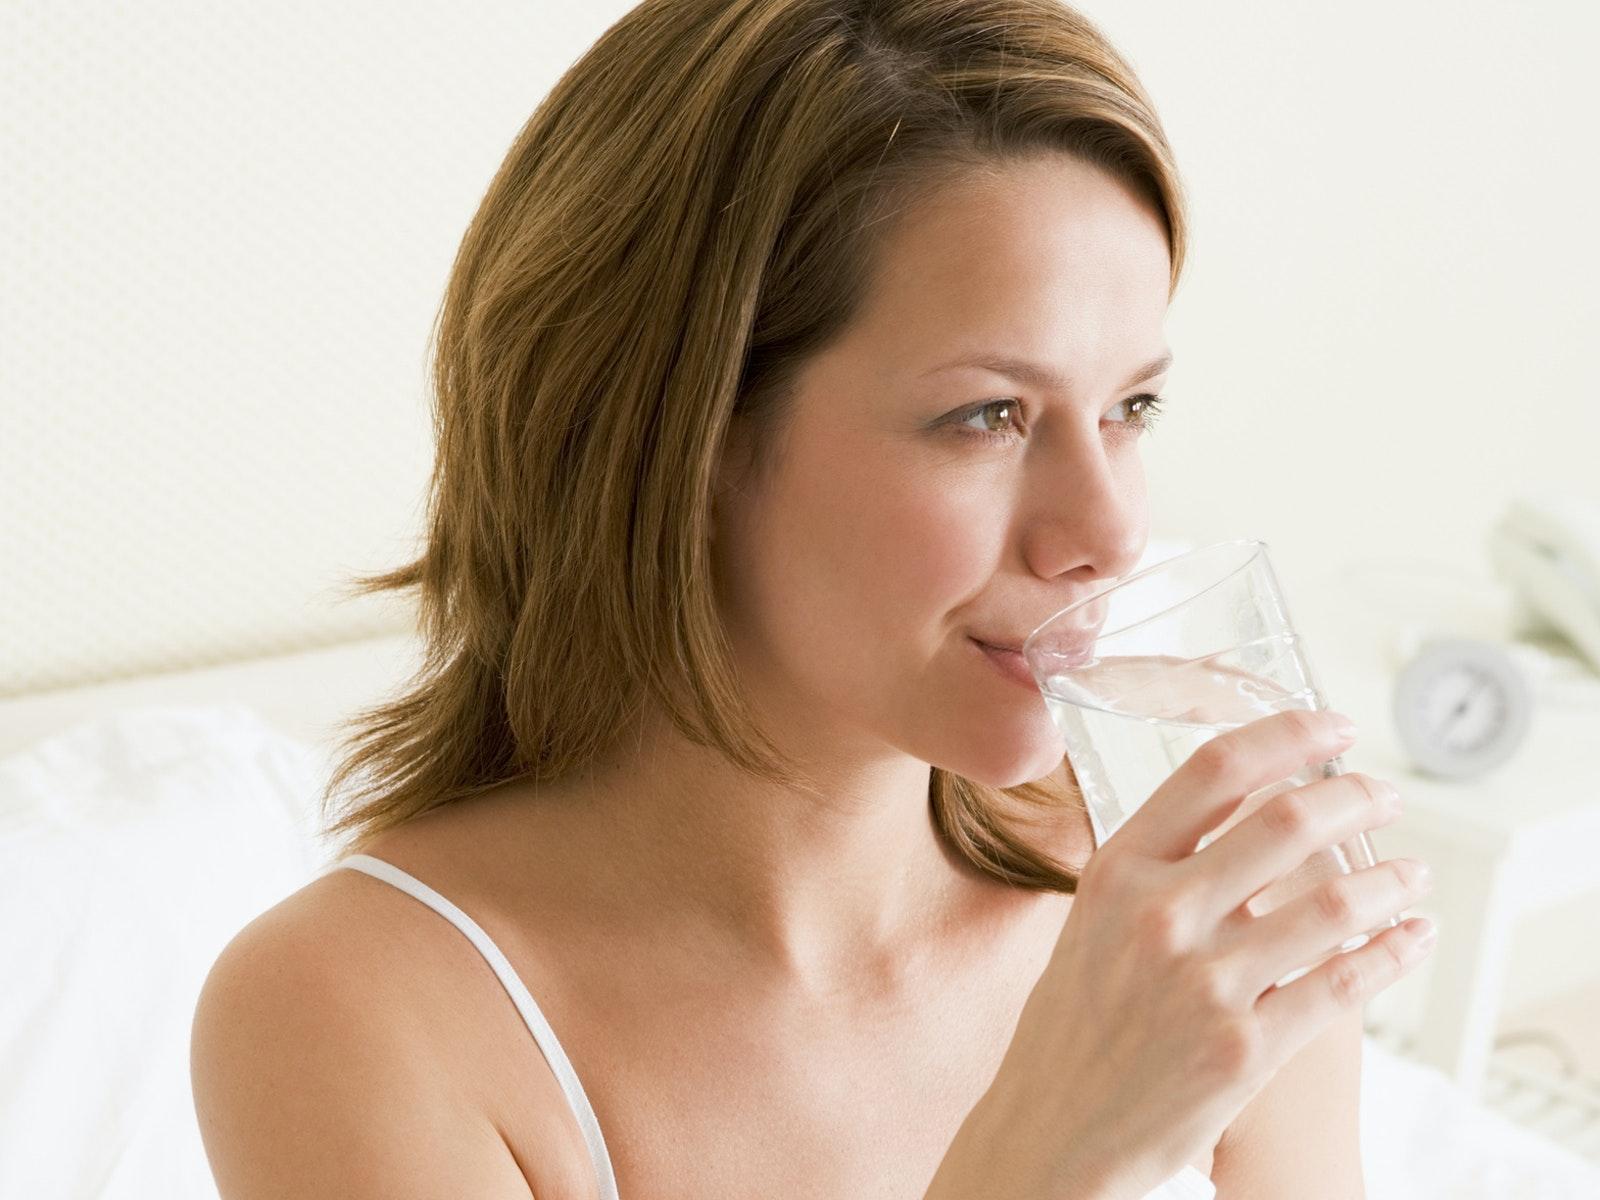 Eau minérale : quelle eau choisir ?